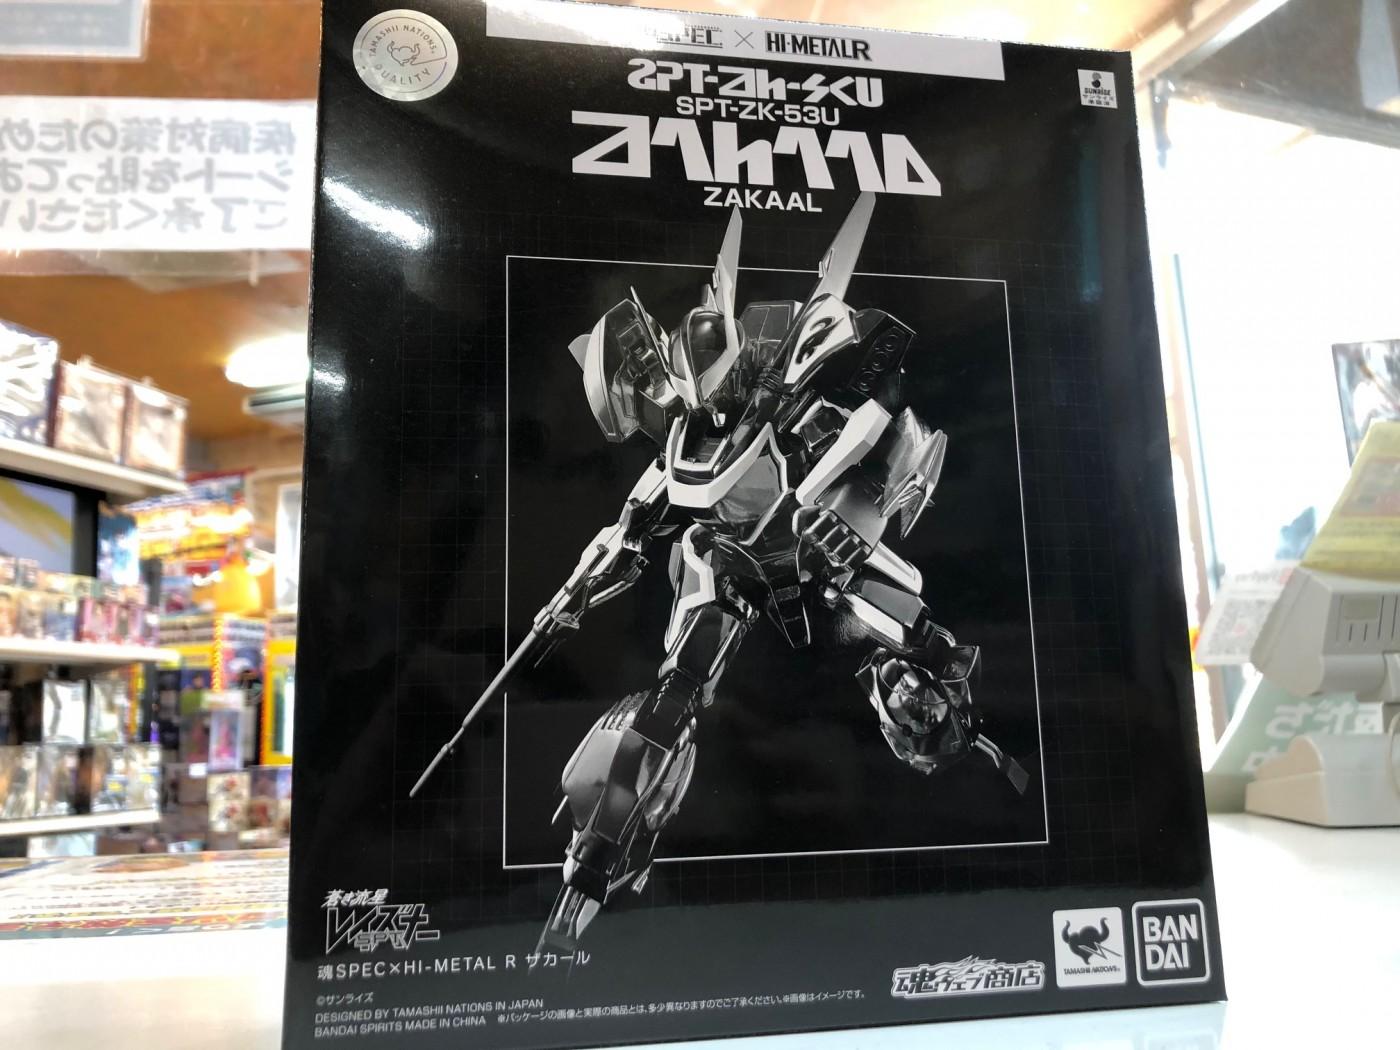 買取情報『魂SPEC×HI-METAL Rの蒼き流星SPTレイズナー ザカール』